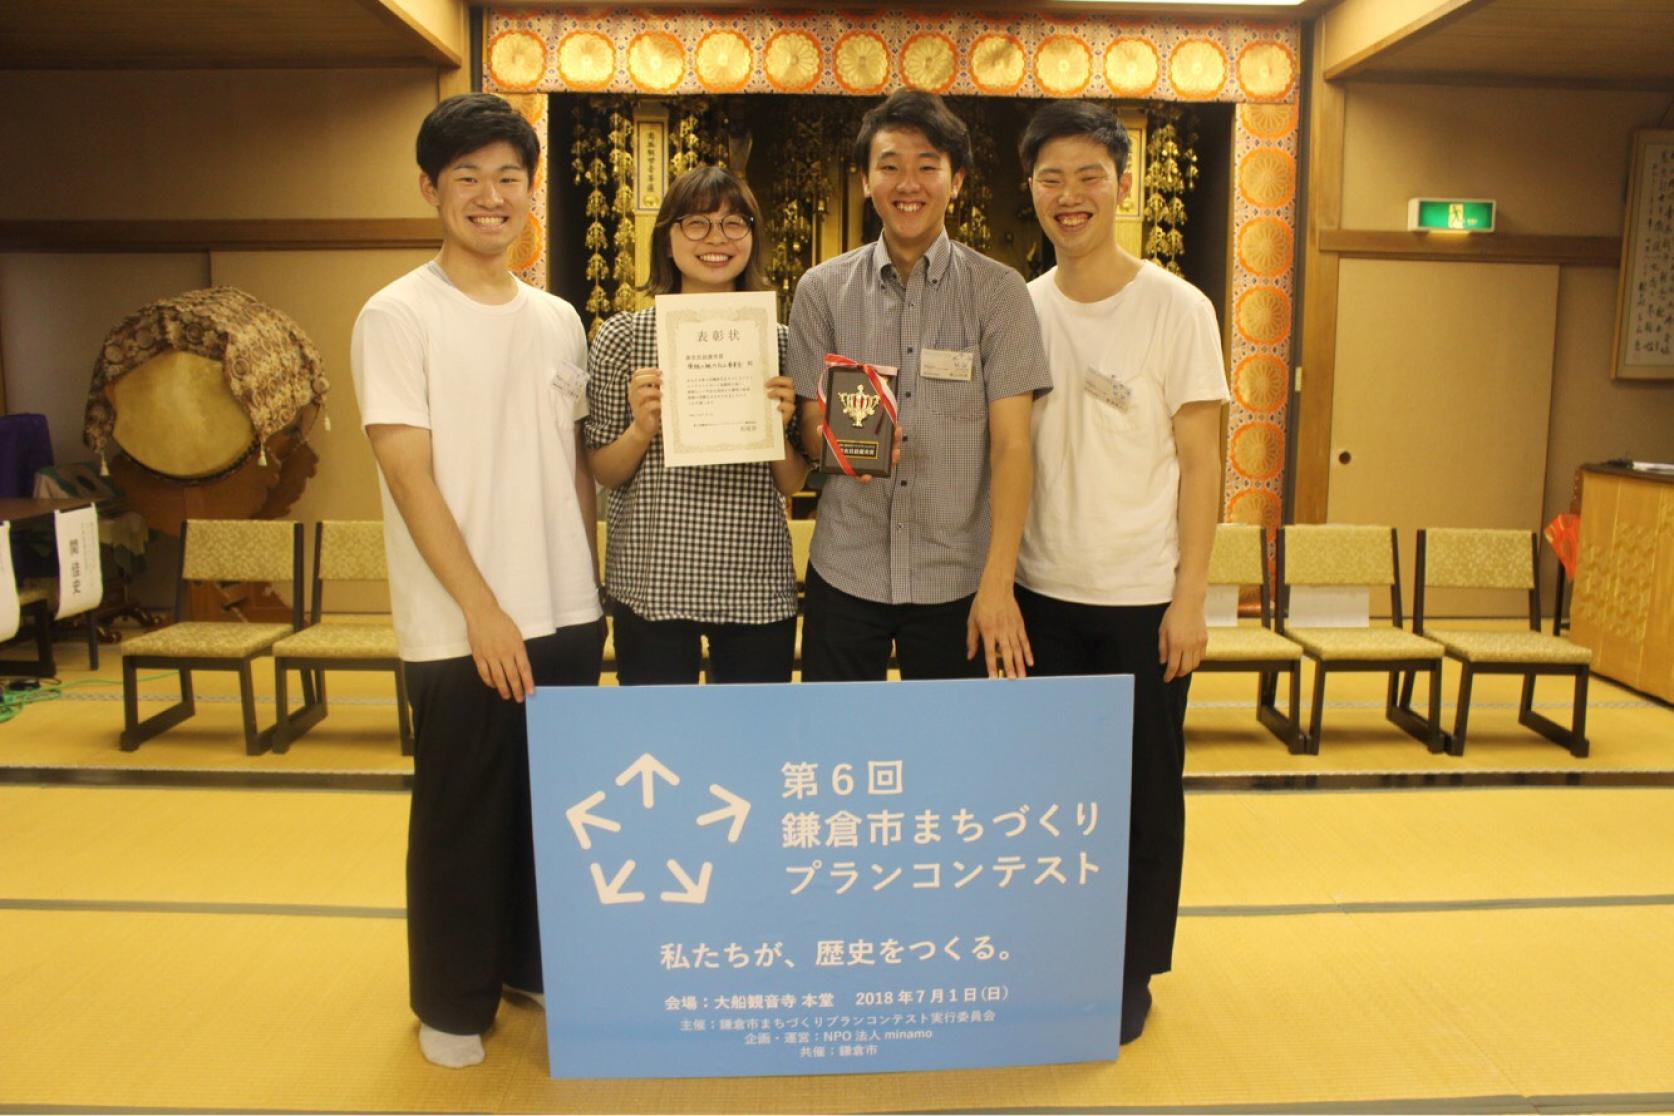 まちづくり工学科の学生で編成された「チーム腰越の魅力向上委員会」が「線路をわたれば ~江ノ電景観まちづくりプロジェクトin腰越~」において、審査員最優秀賞を受賞しました。